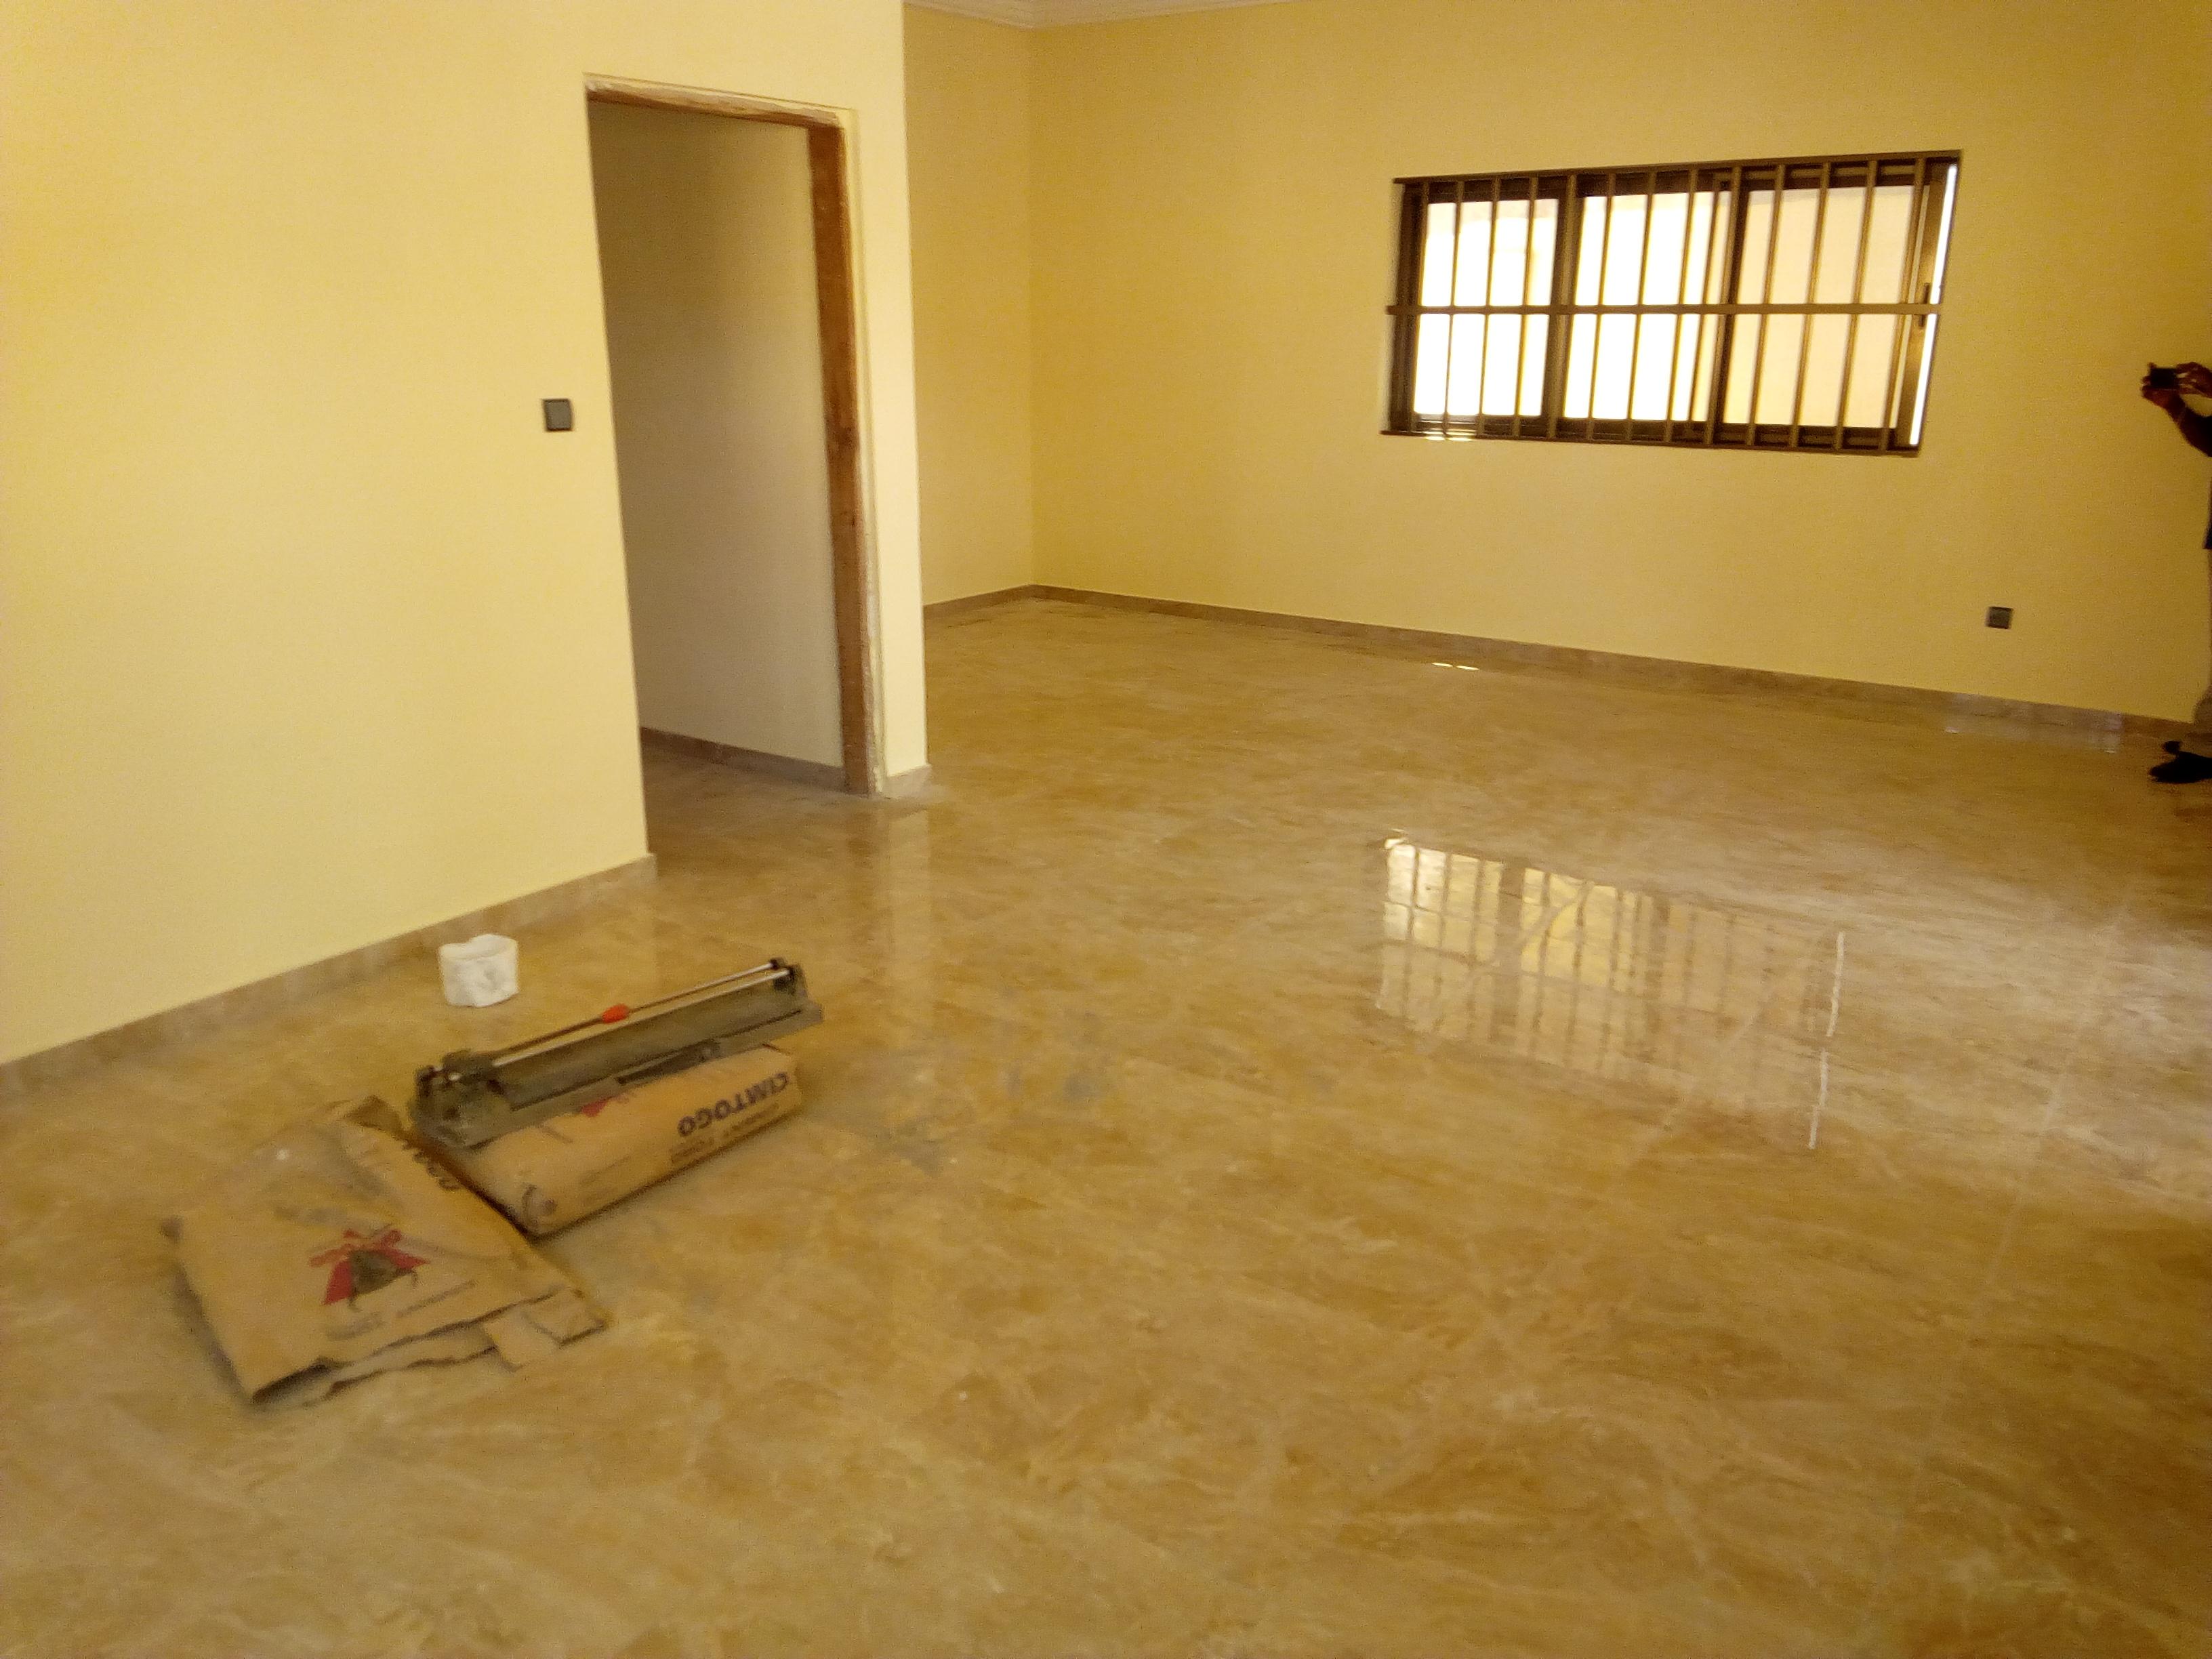 Villa à louer , agbata                         (Non loin de l'église Assemblée de Dieu)                     , Lome : 80 000 FCFA/mois